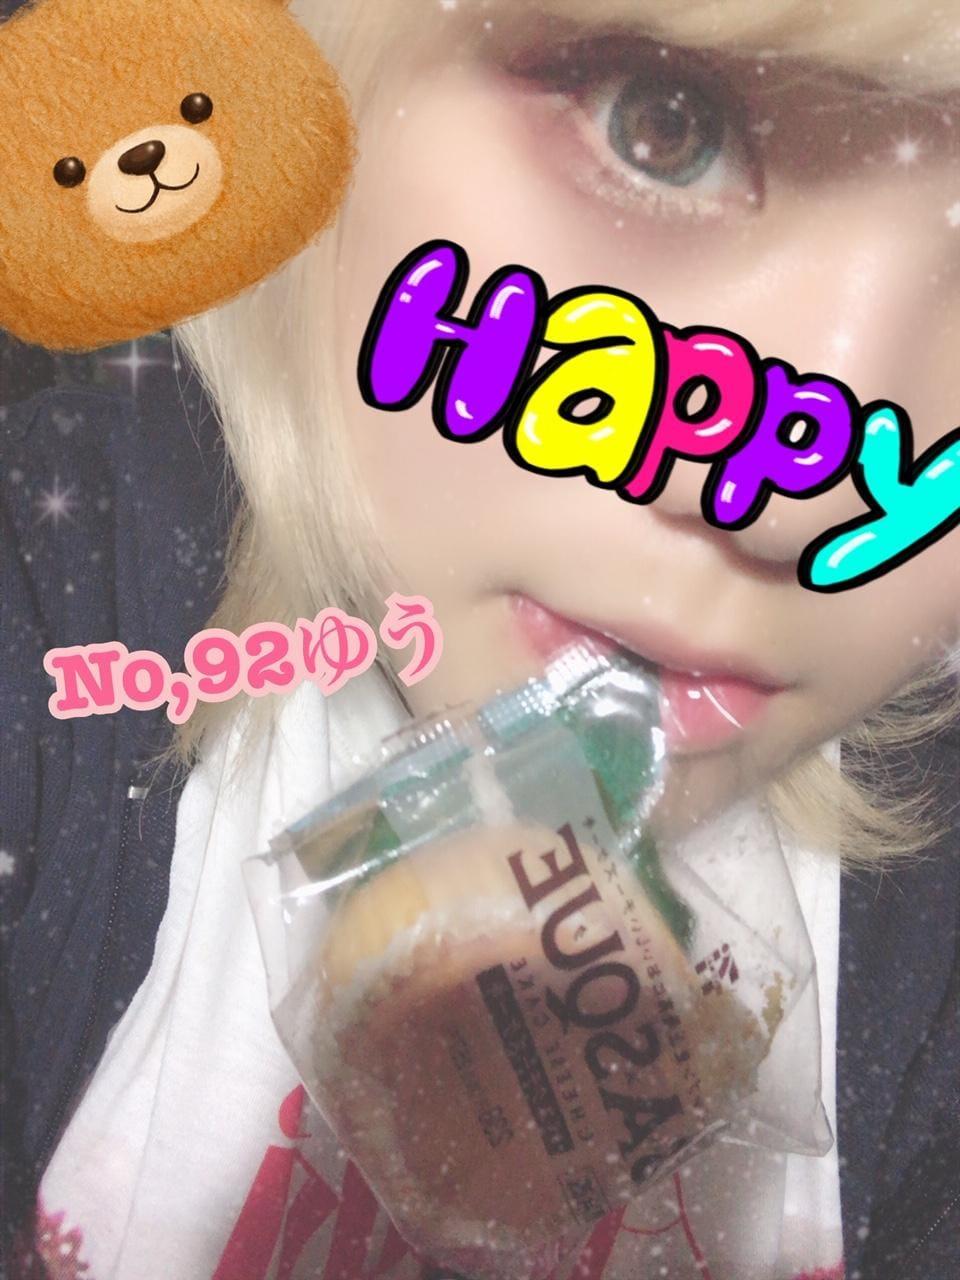 「ありがとう( ˊᵕˋ*)」11/05(火) 09:13 | ゆうの写メ・風俗動画